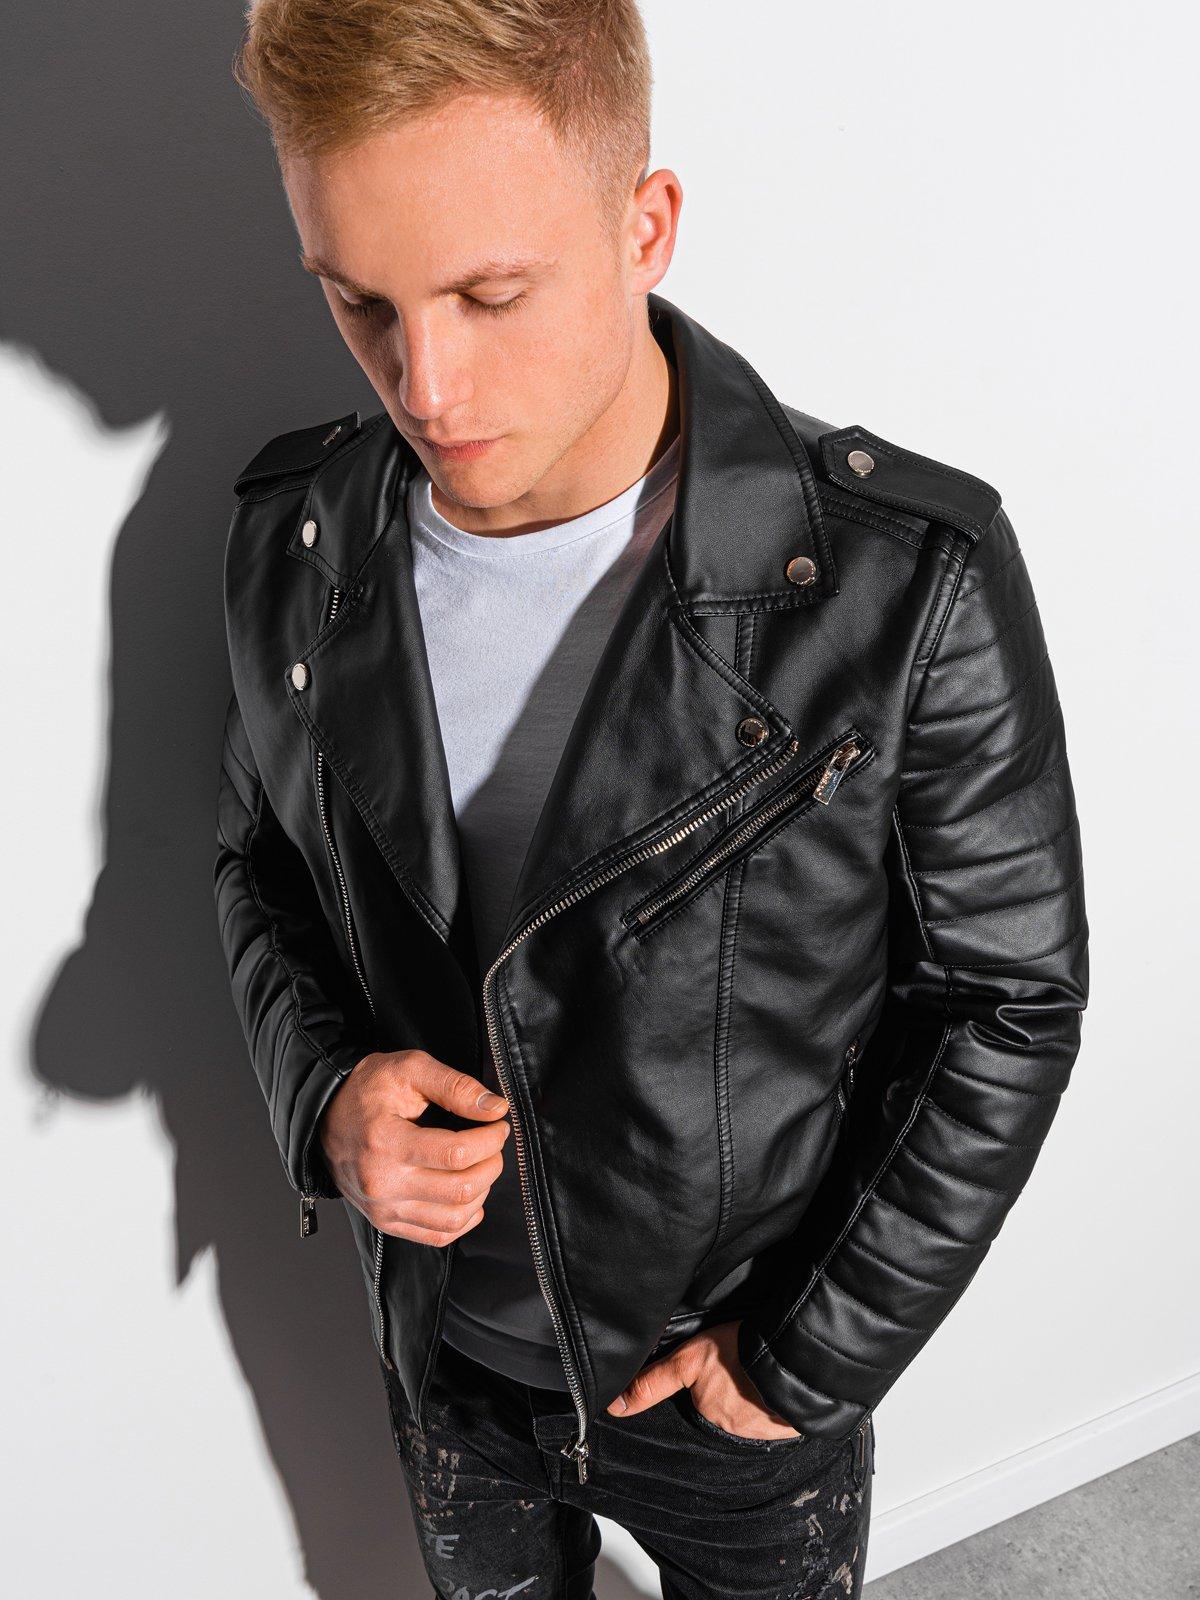 Купить со скидкой Чоловіча мотоциклетна куртка C412 - чорна